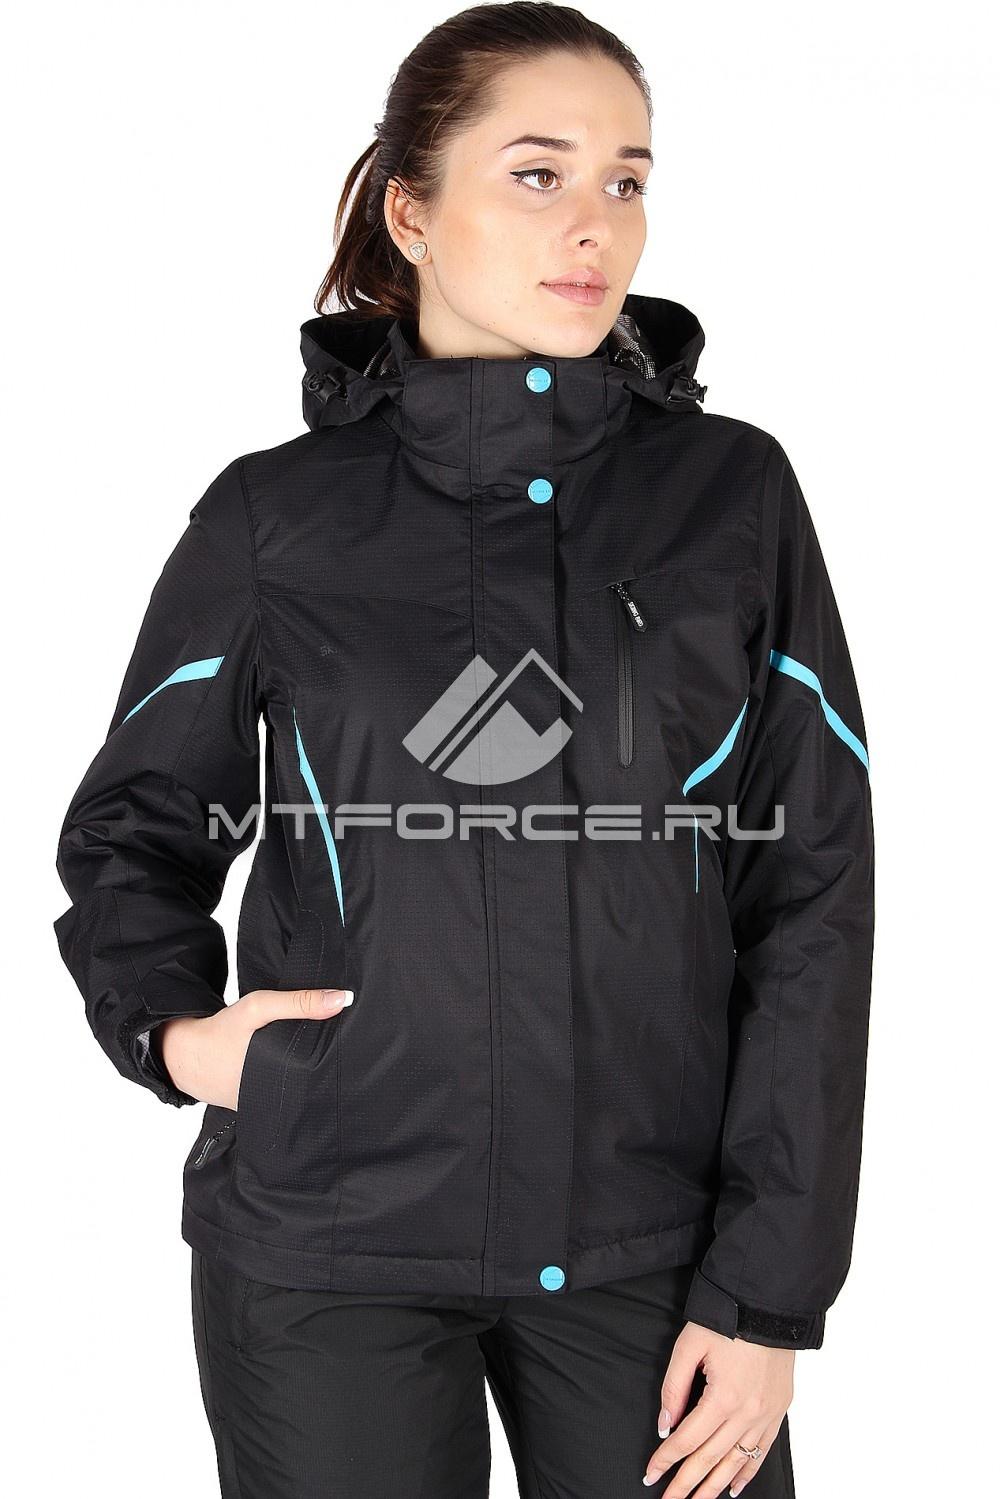 Купить                                  оптом Куртка спортивная женская весна черного цвета 1615Ch